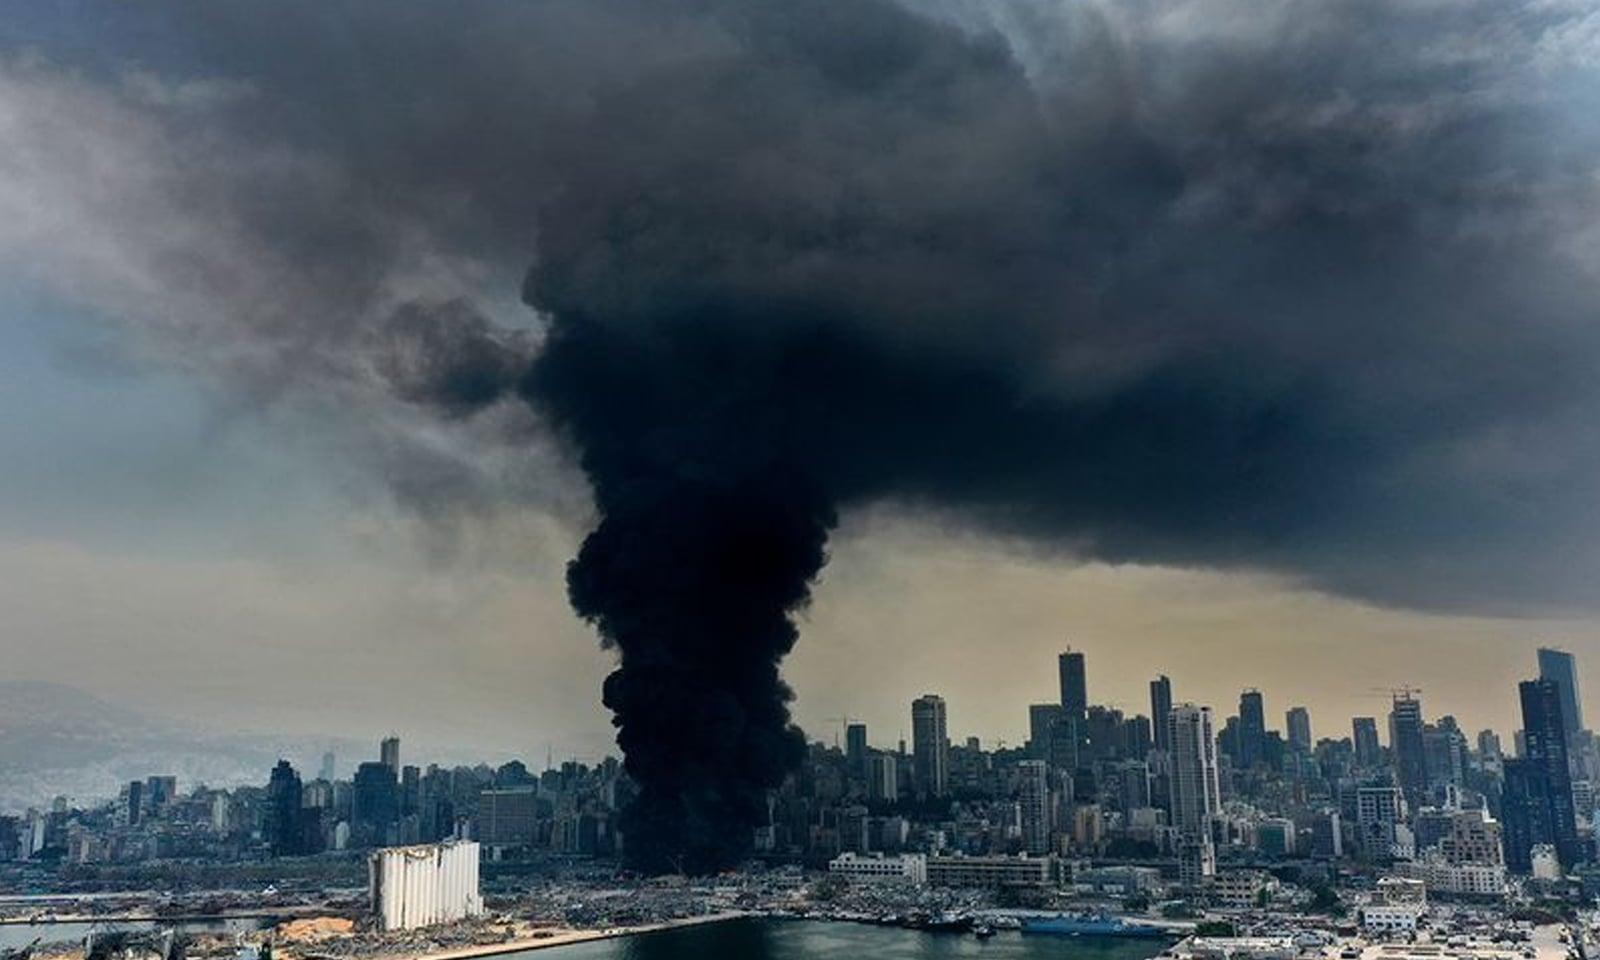 ہولناک  دھماکے کے ایک مہینے بعد بیروت میں  ایک مرتبہ پھر آگ بھڑک اٹھی—فوٹو: اے پی